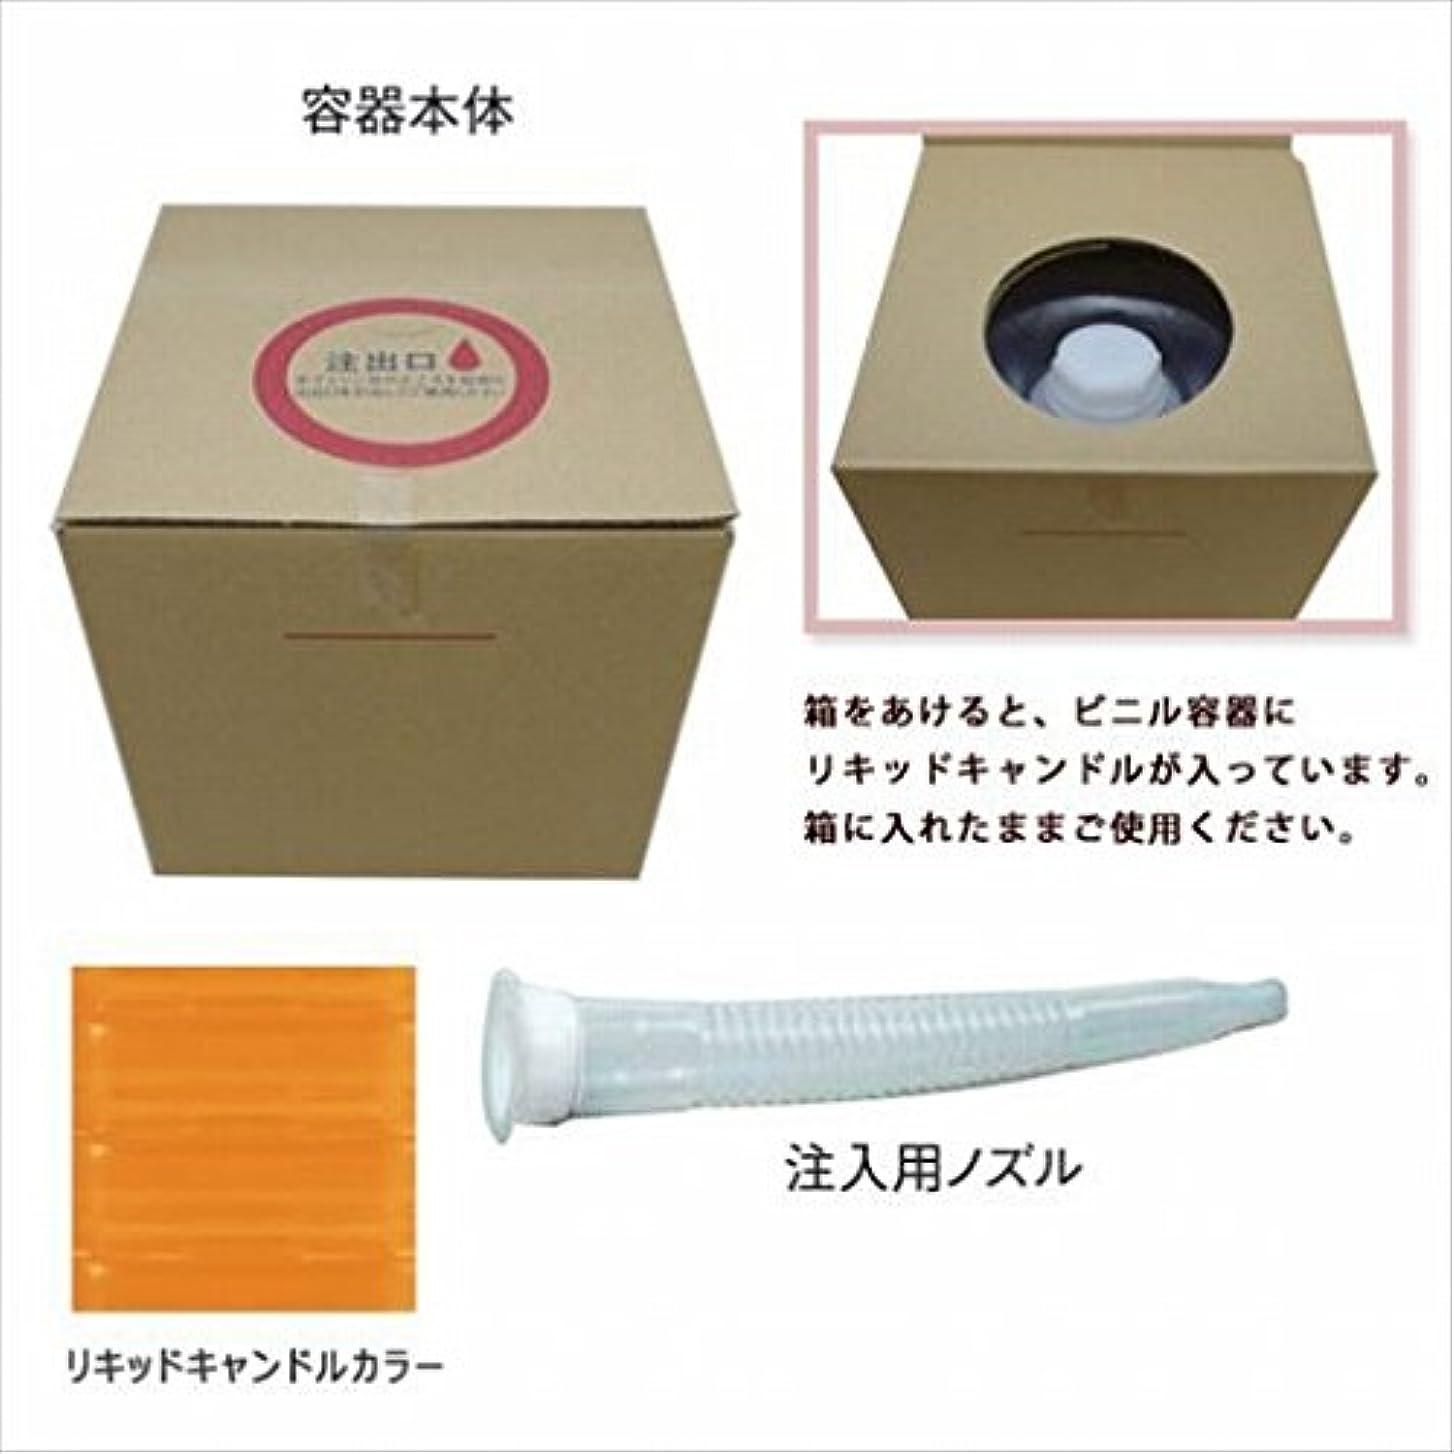 散らすフェッチ非公式カメヤマキャンドル(kameyama candle) リキッドキャンドル5リットル 「 シャンパンゴールド 」